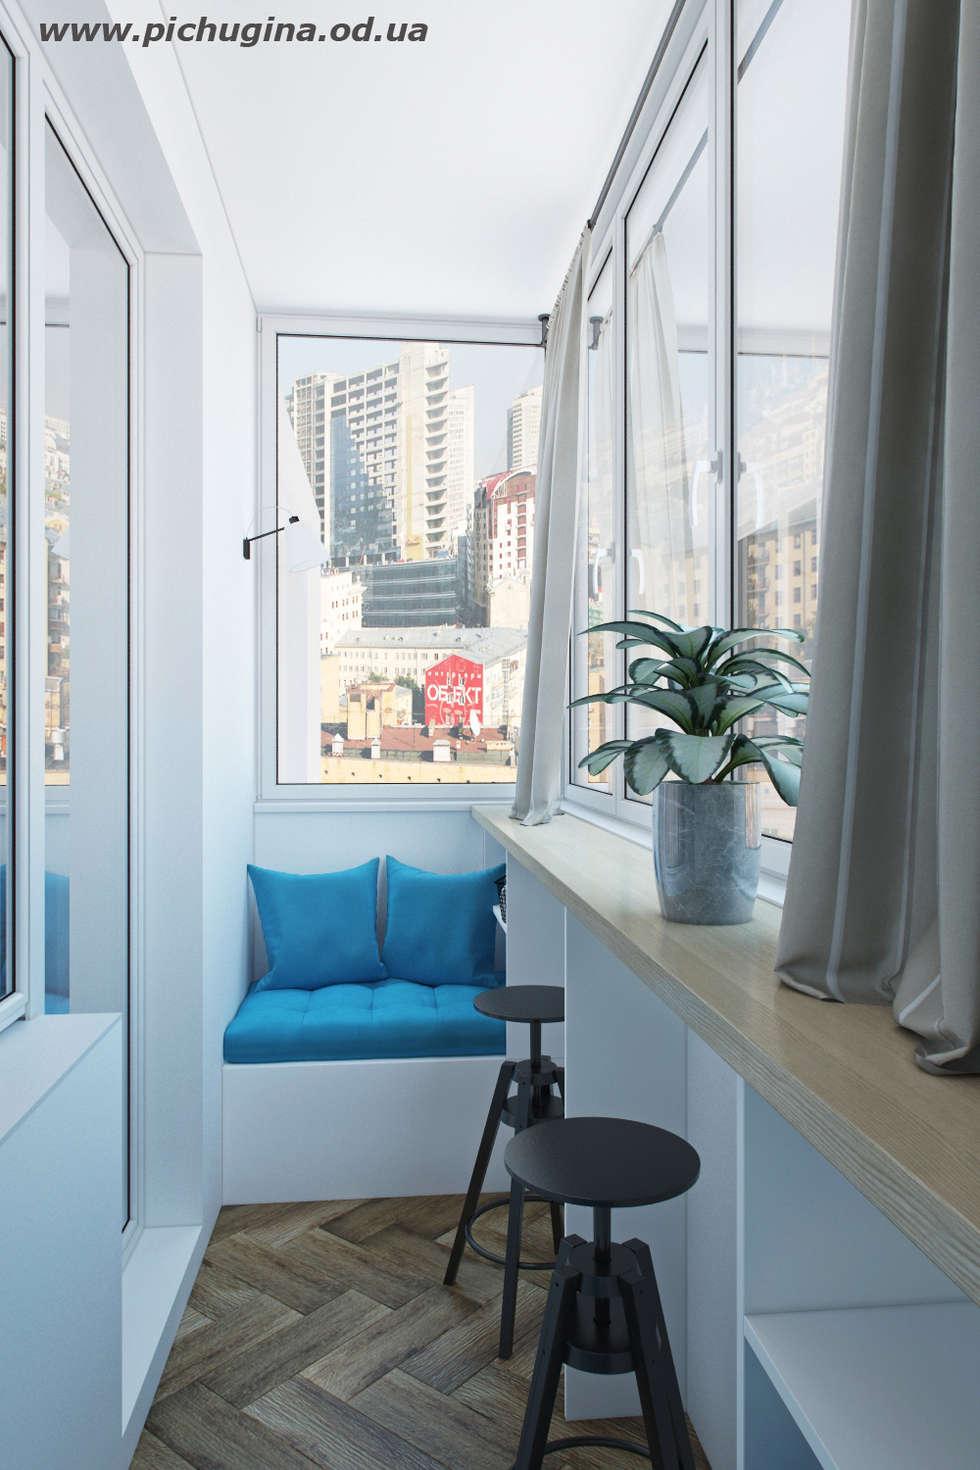 Дизайн интерьера балкона - фото и идеи оформления.